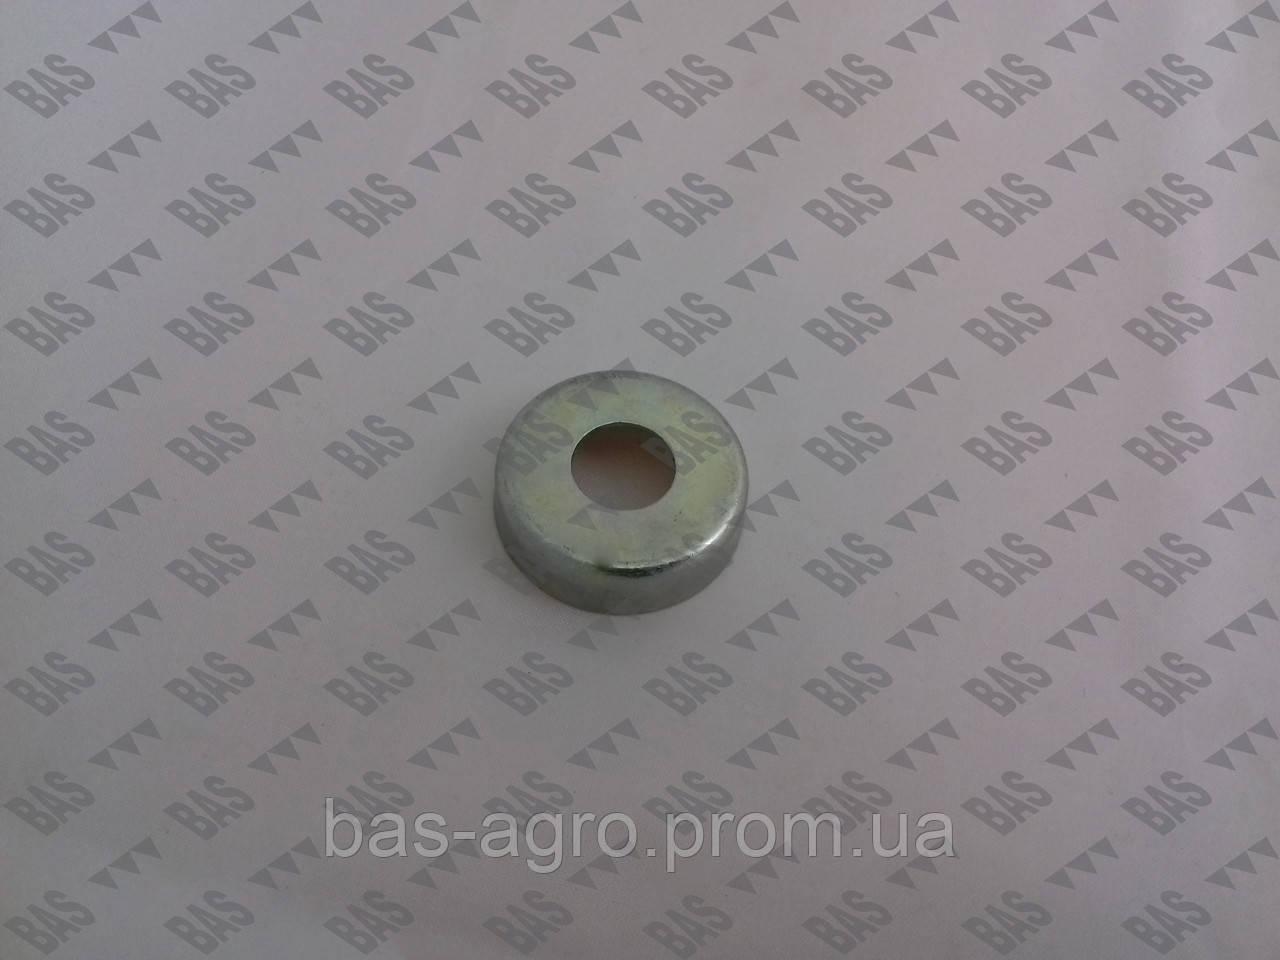 Колпачок защитный Kverneland AC494697 аналог